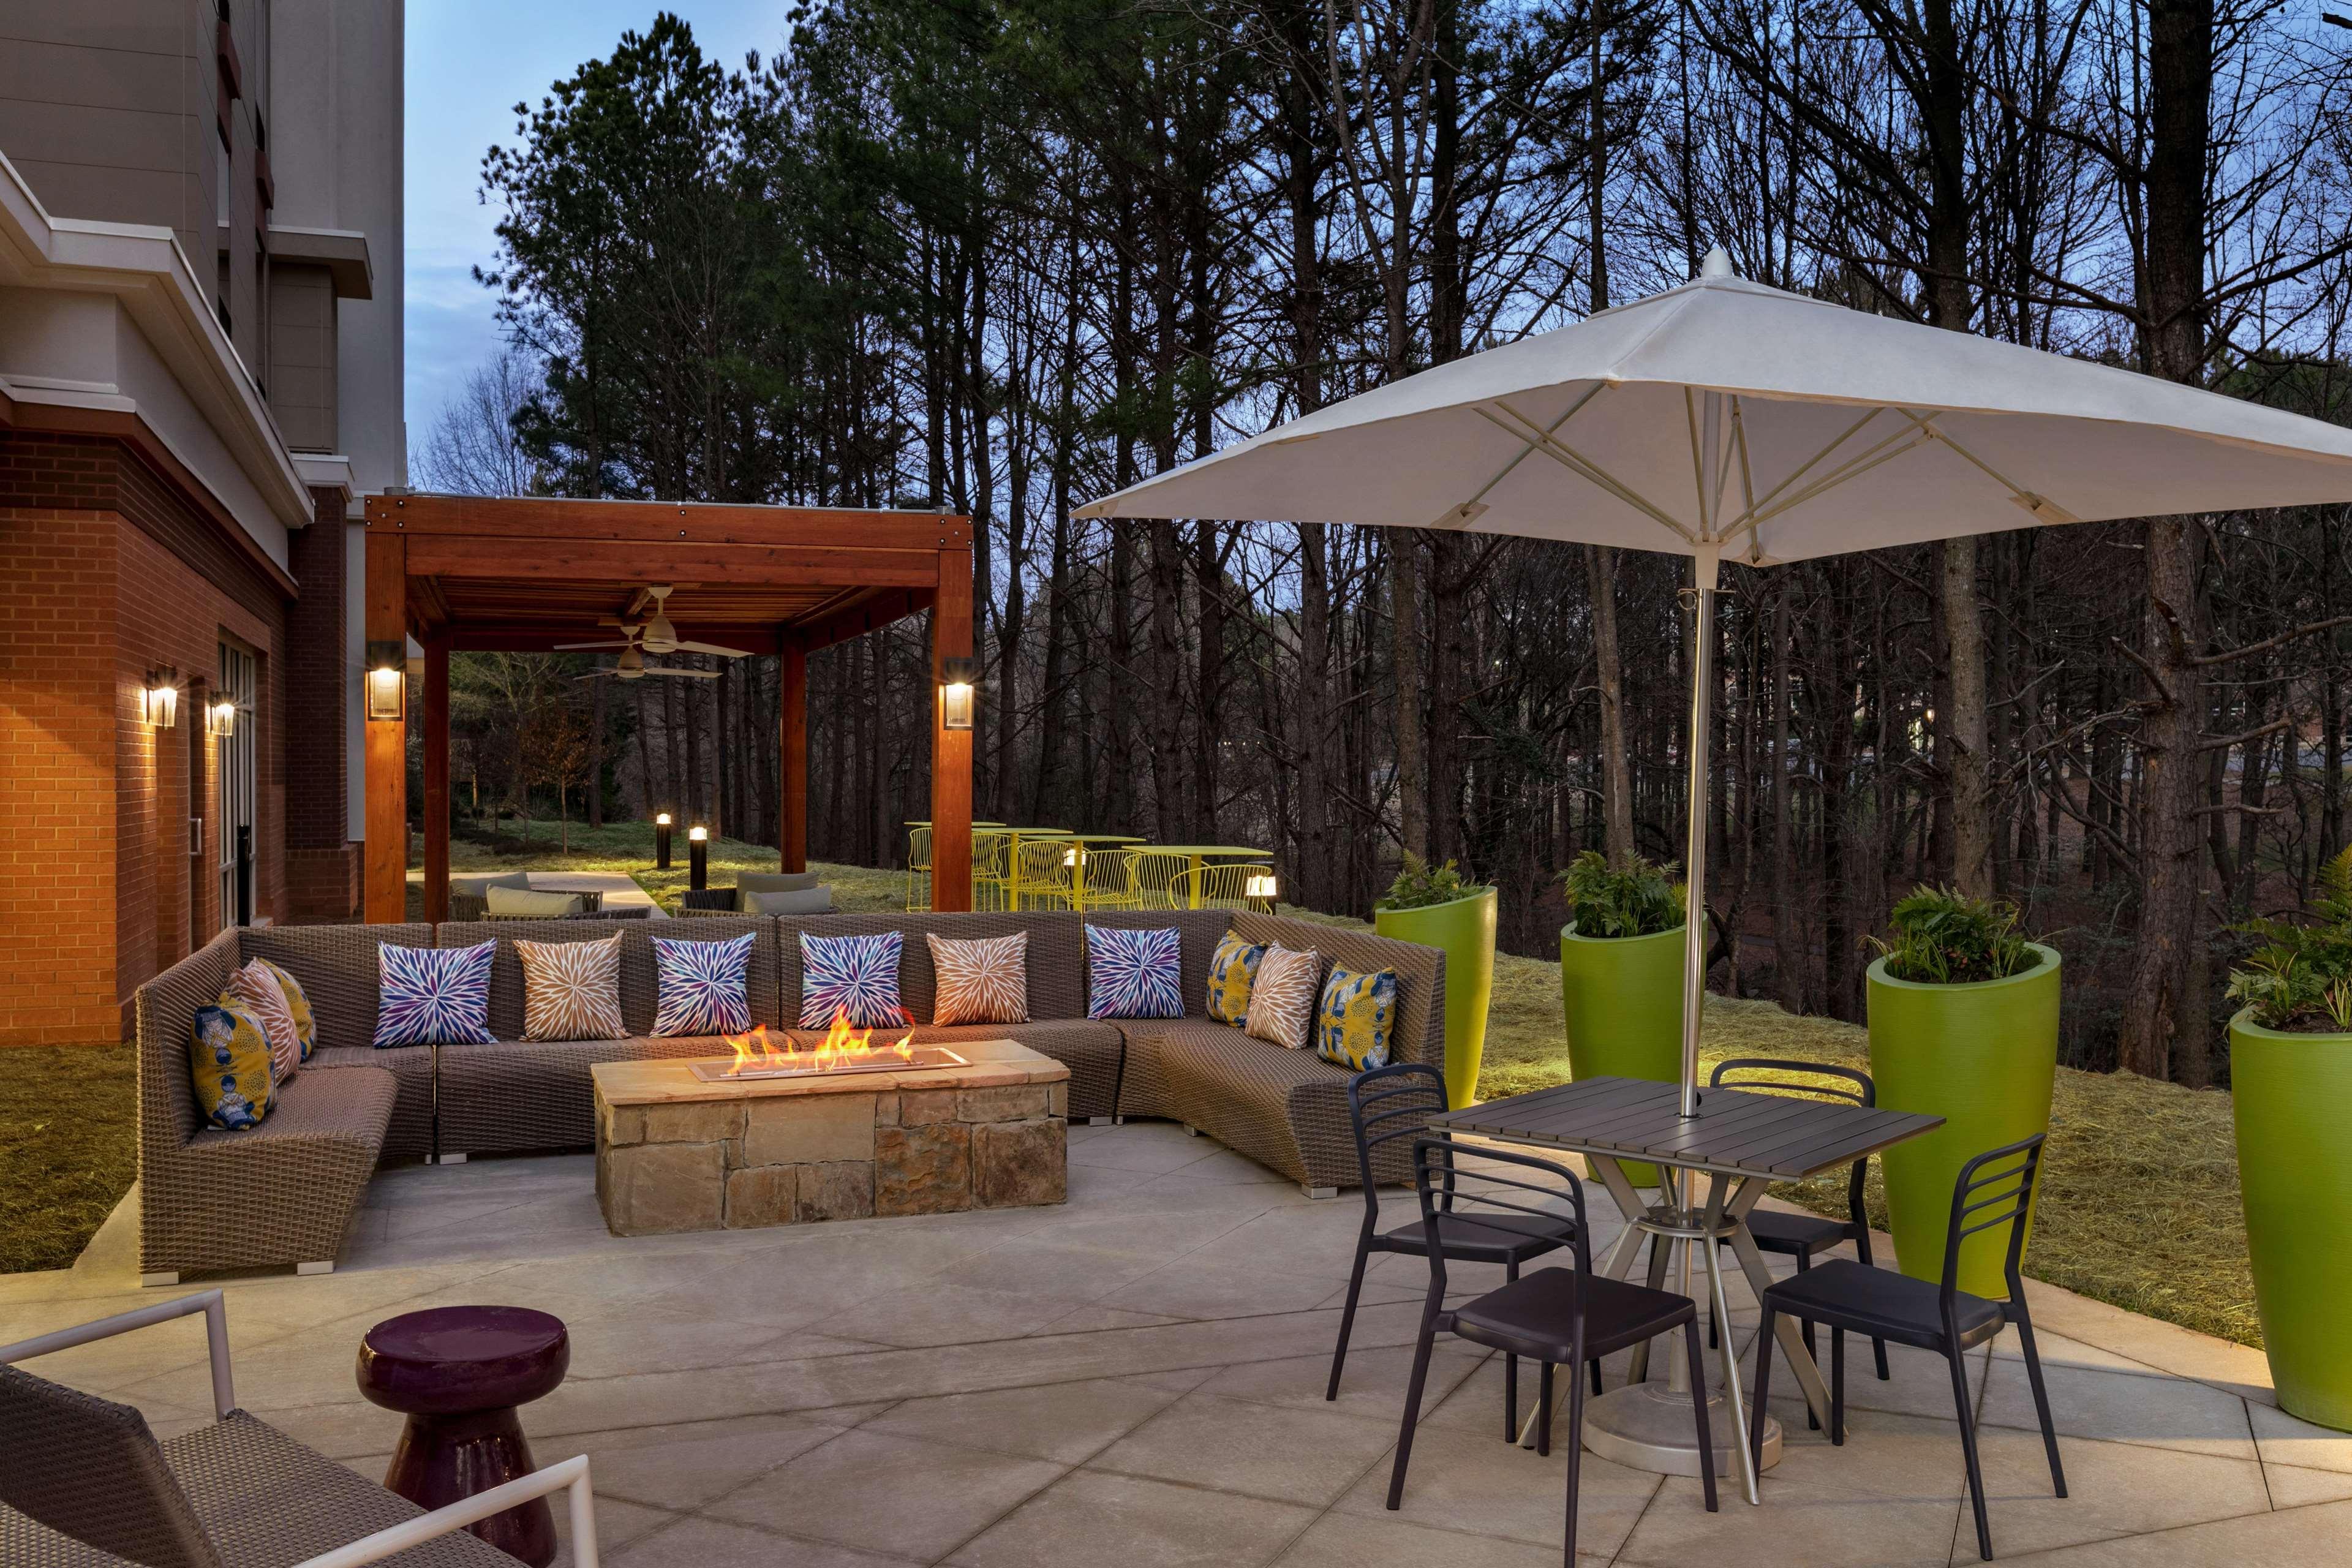 Hampton Inn and Suites Johns Creek image 4